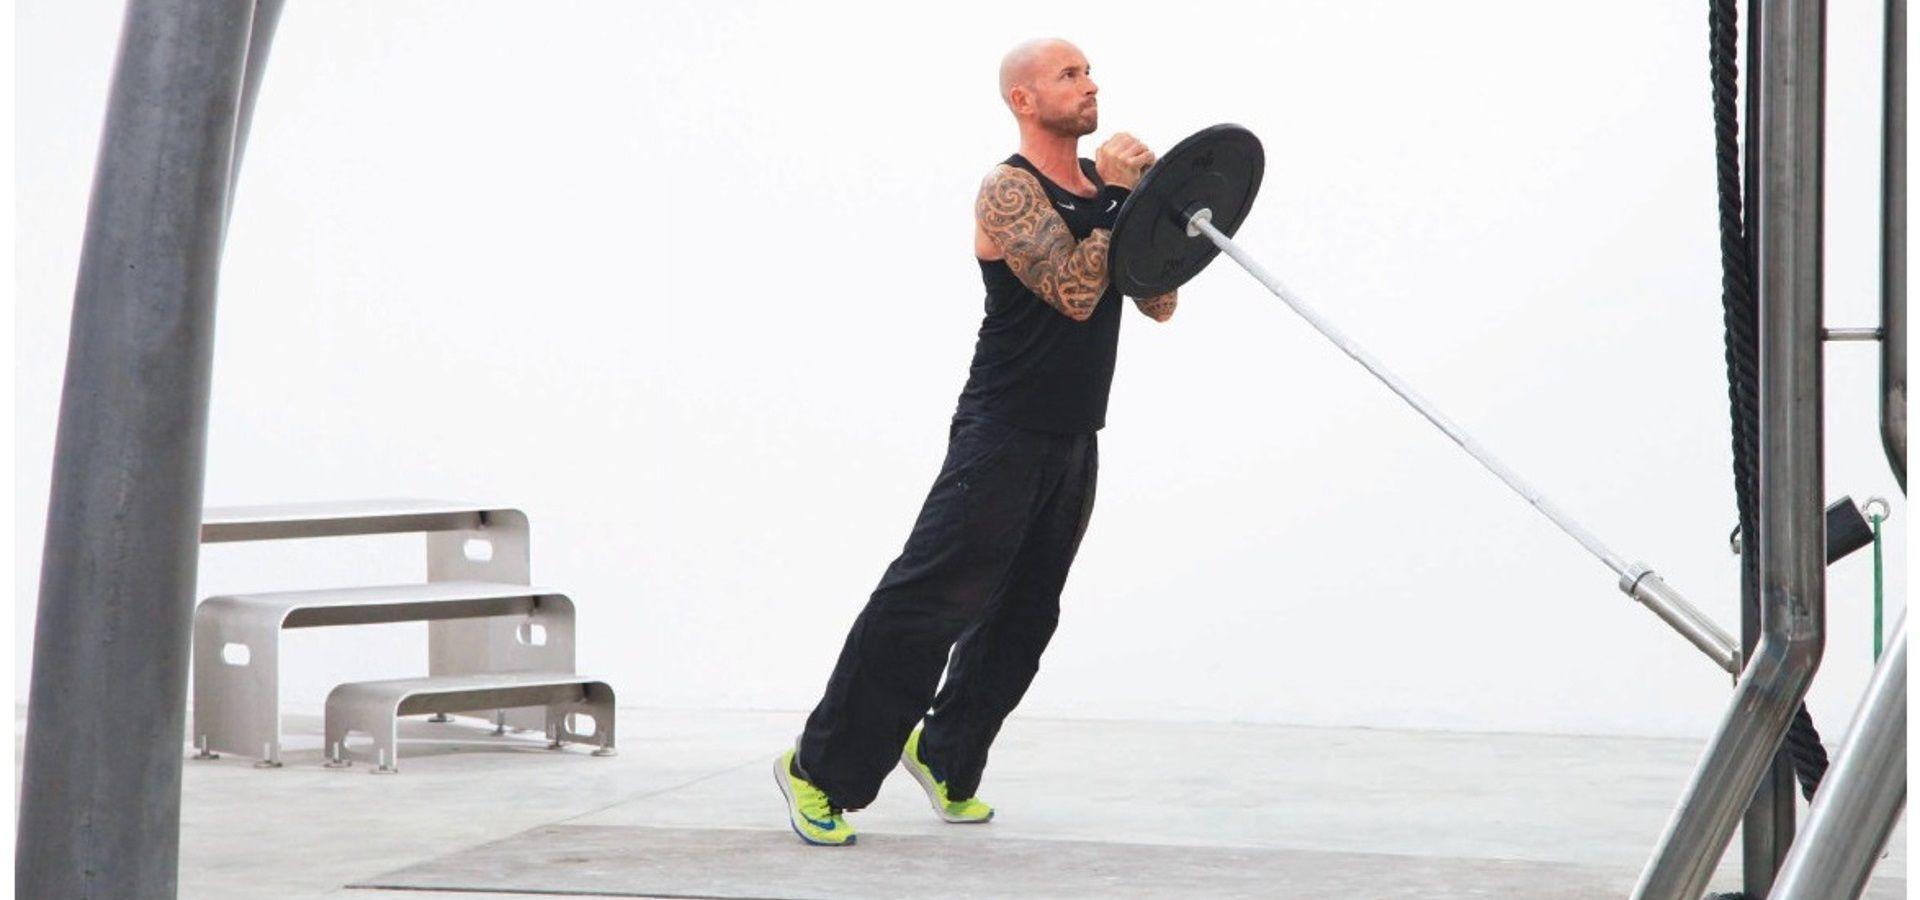 MyBEAST équipements sportifs, street workout